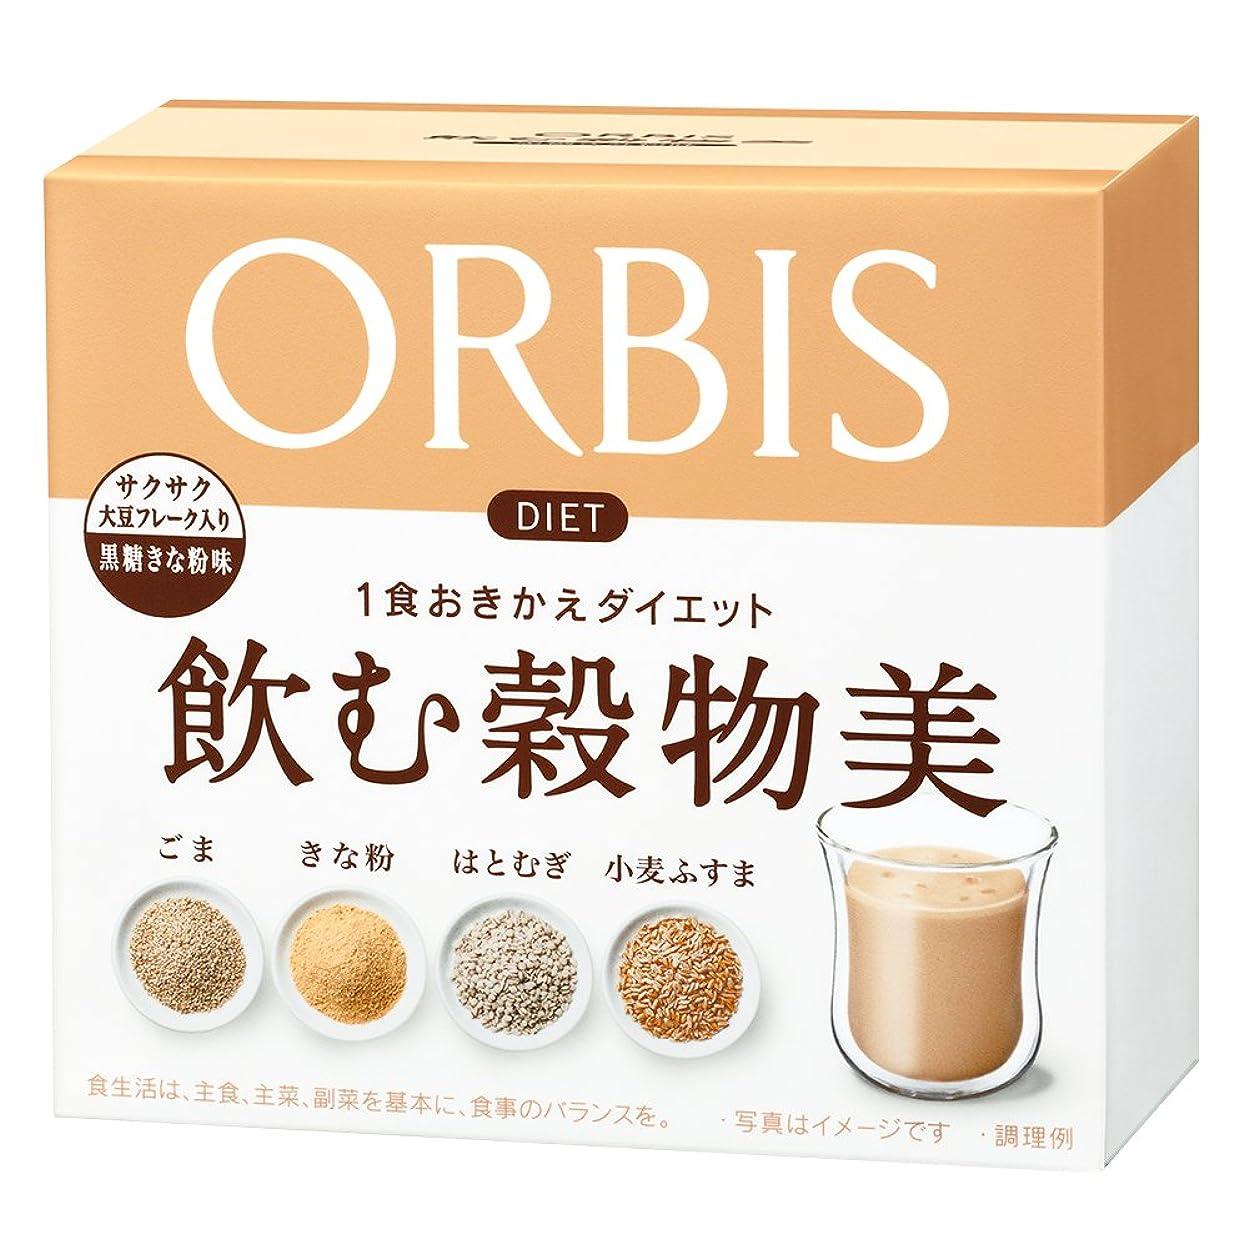 連帯たとえ決してオルビス(ORBIS) 飲む穀物美 黒糖きなこ味 7日分(25g×7袋) ◎雑穀ダイエットシェイク◎ 1食分約189kcal